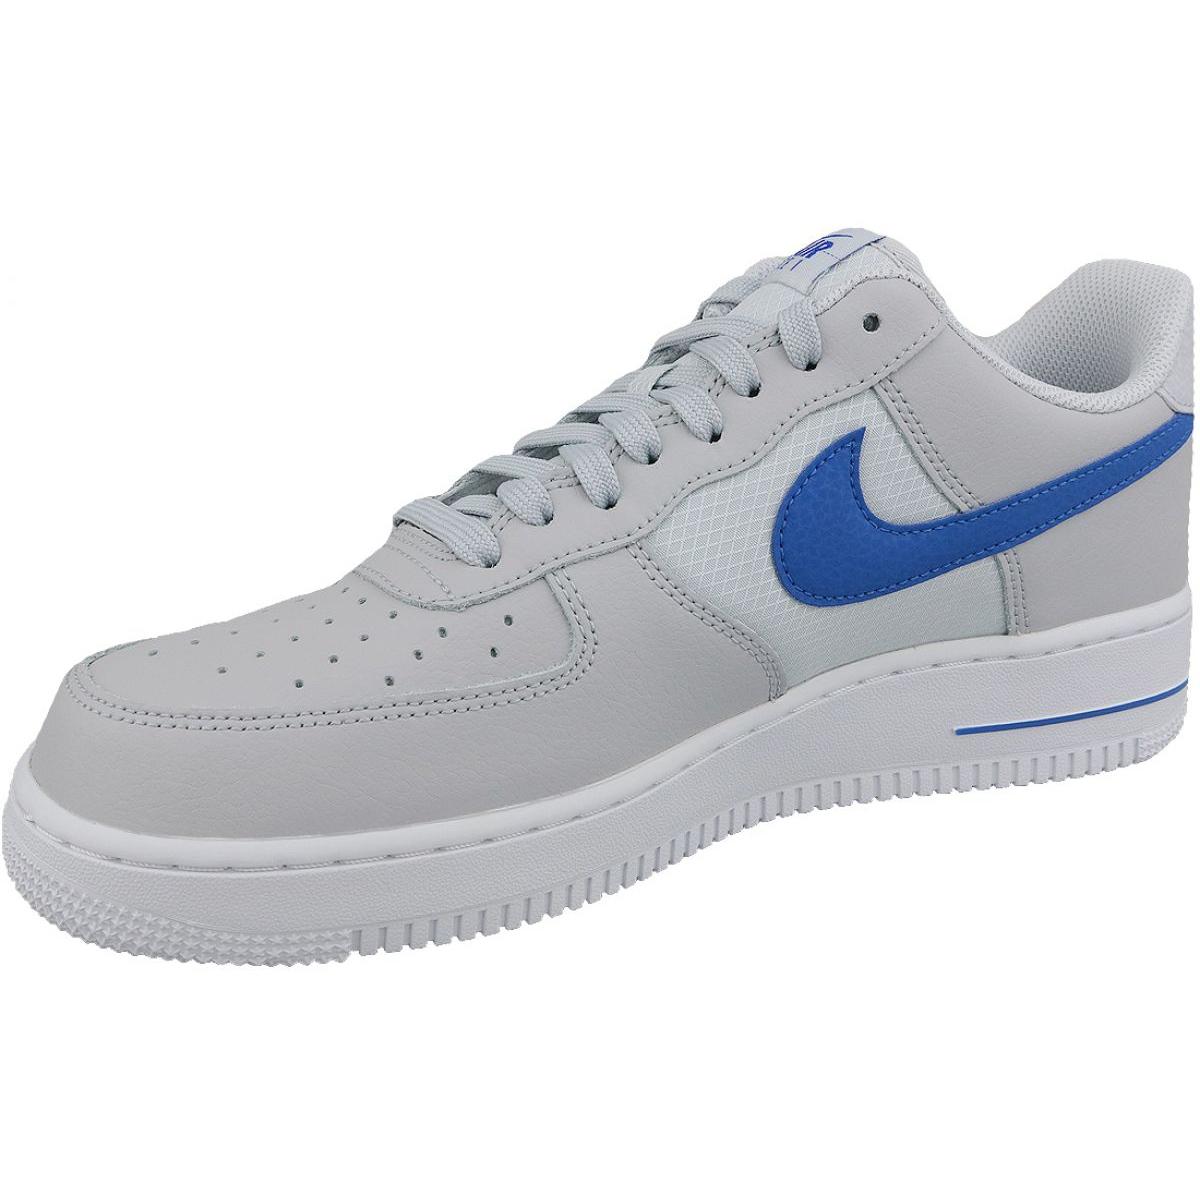 meilleur service 975b6 9a87d Gris Chaussures Nike Air Force 1 '07 LV8 M CD1516-002